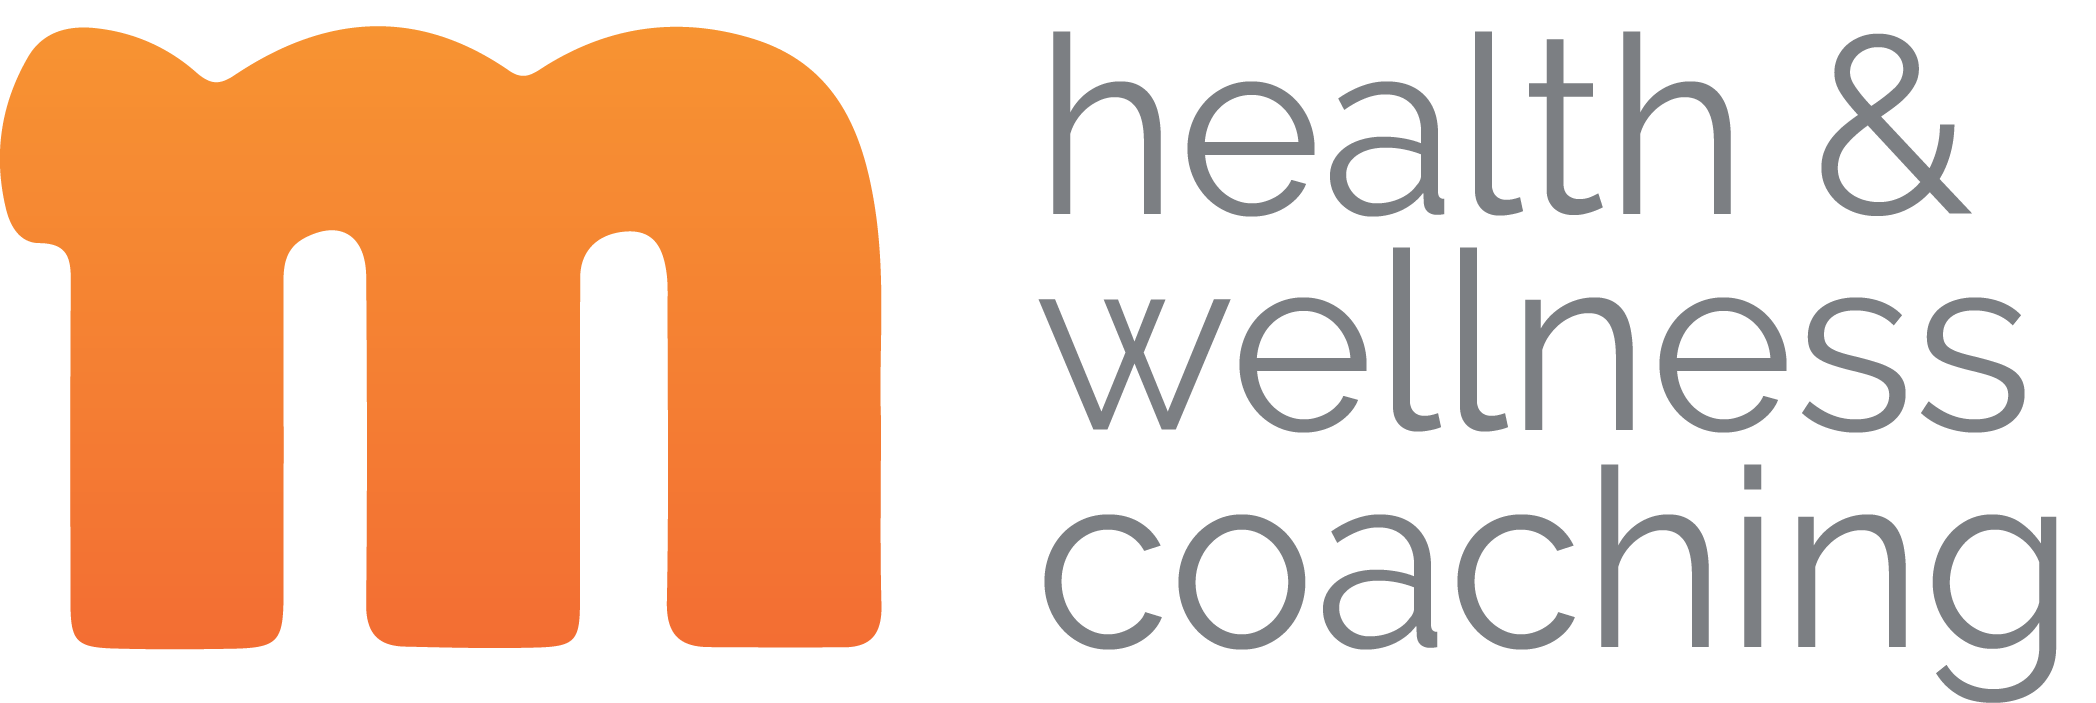 movendos_healt&wellness_logo_v3 (1)